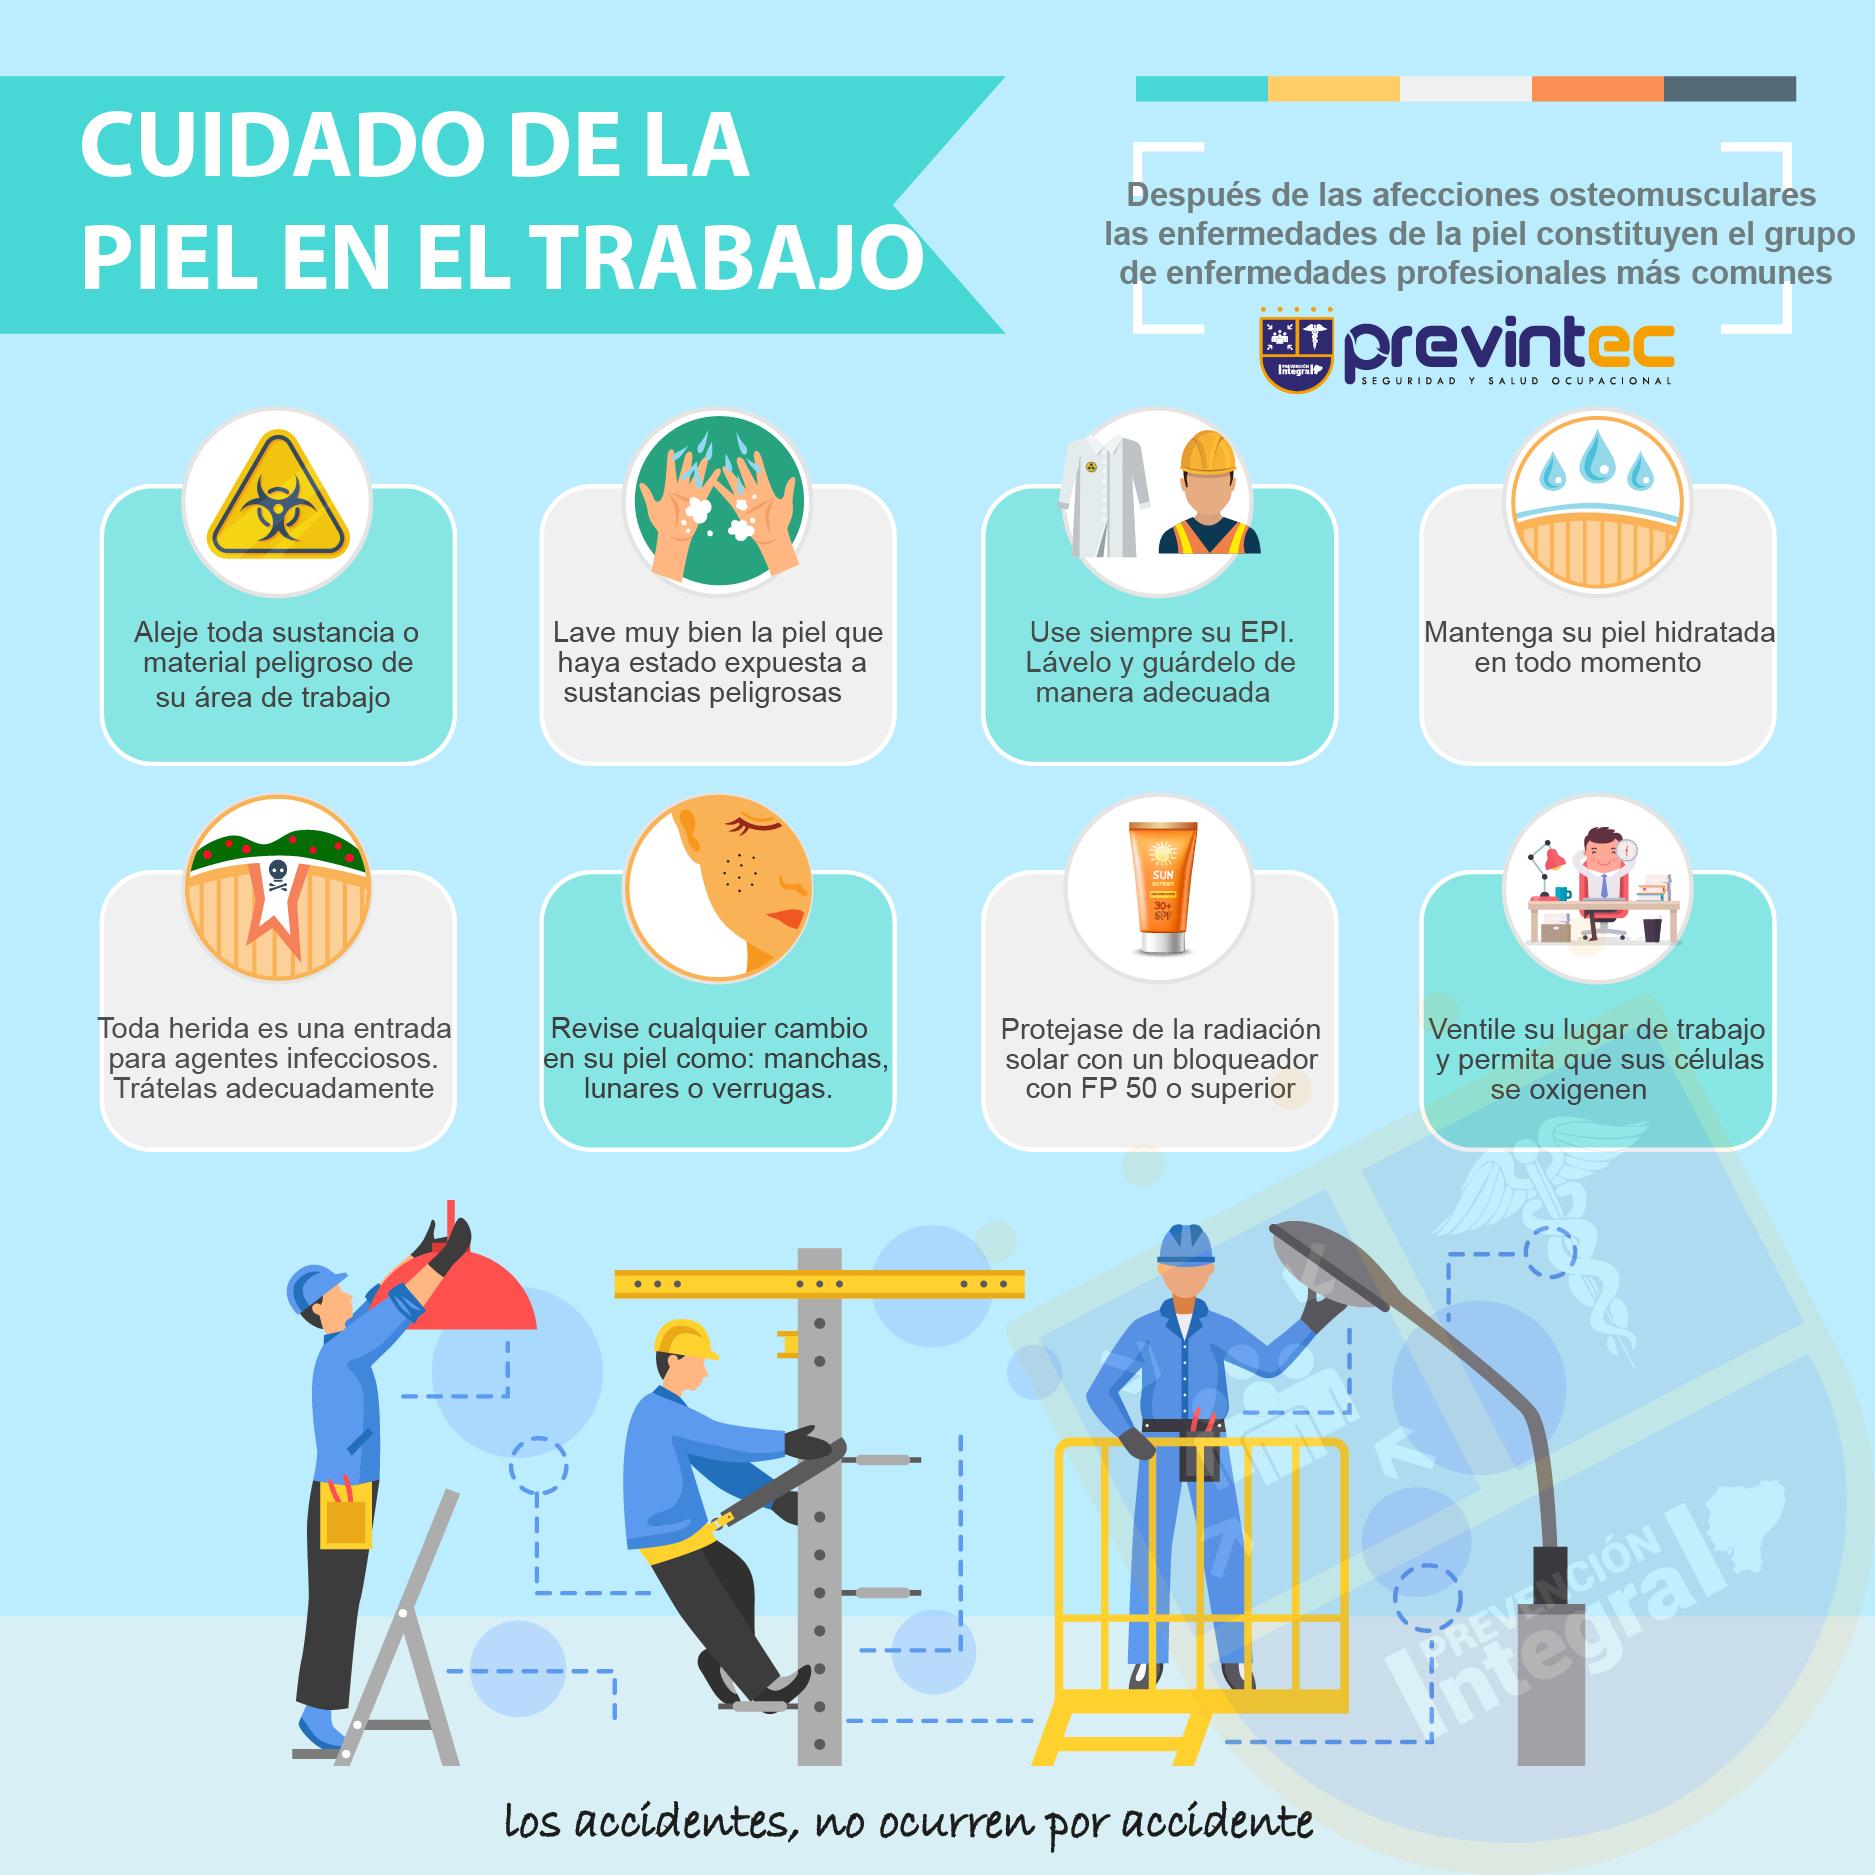 Infograma, Cuidado de la Piel en el Trabajo